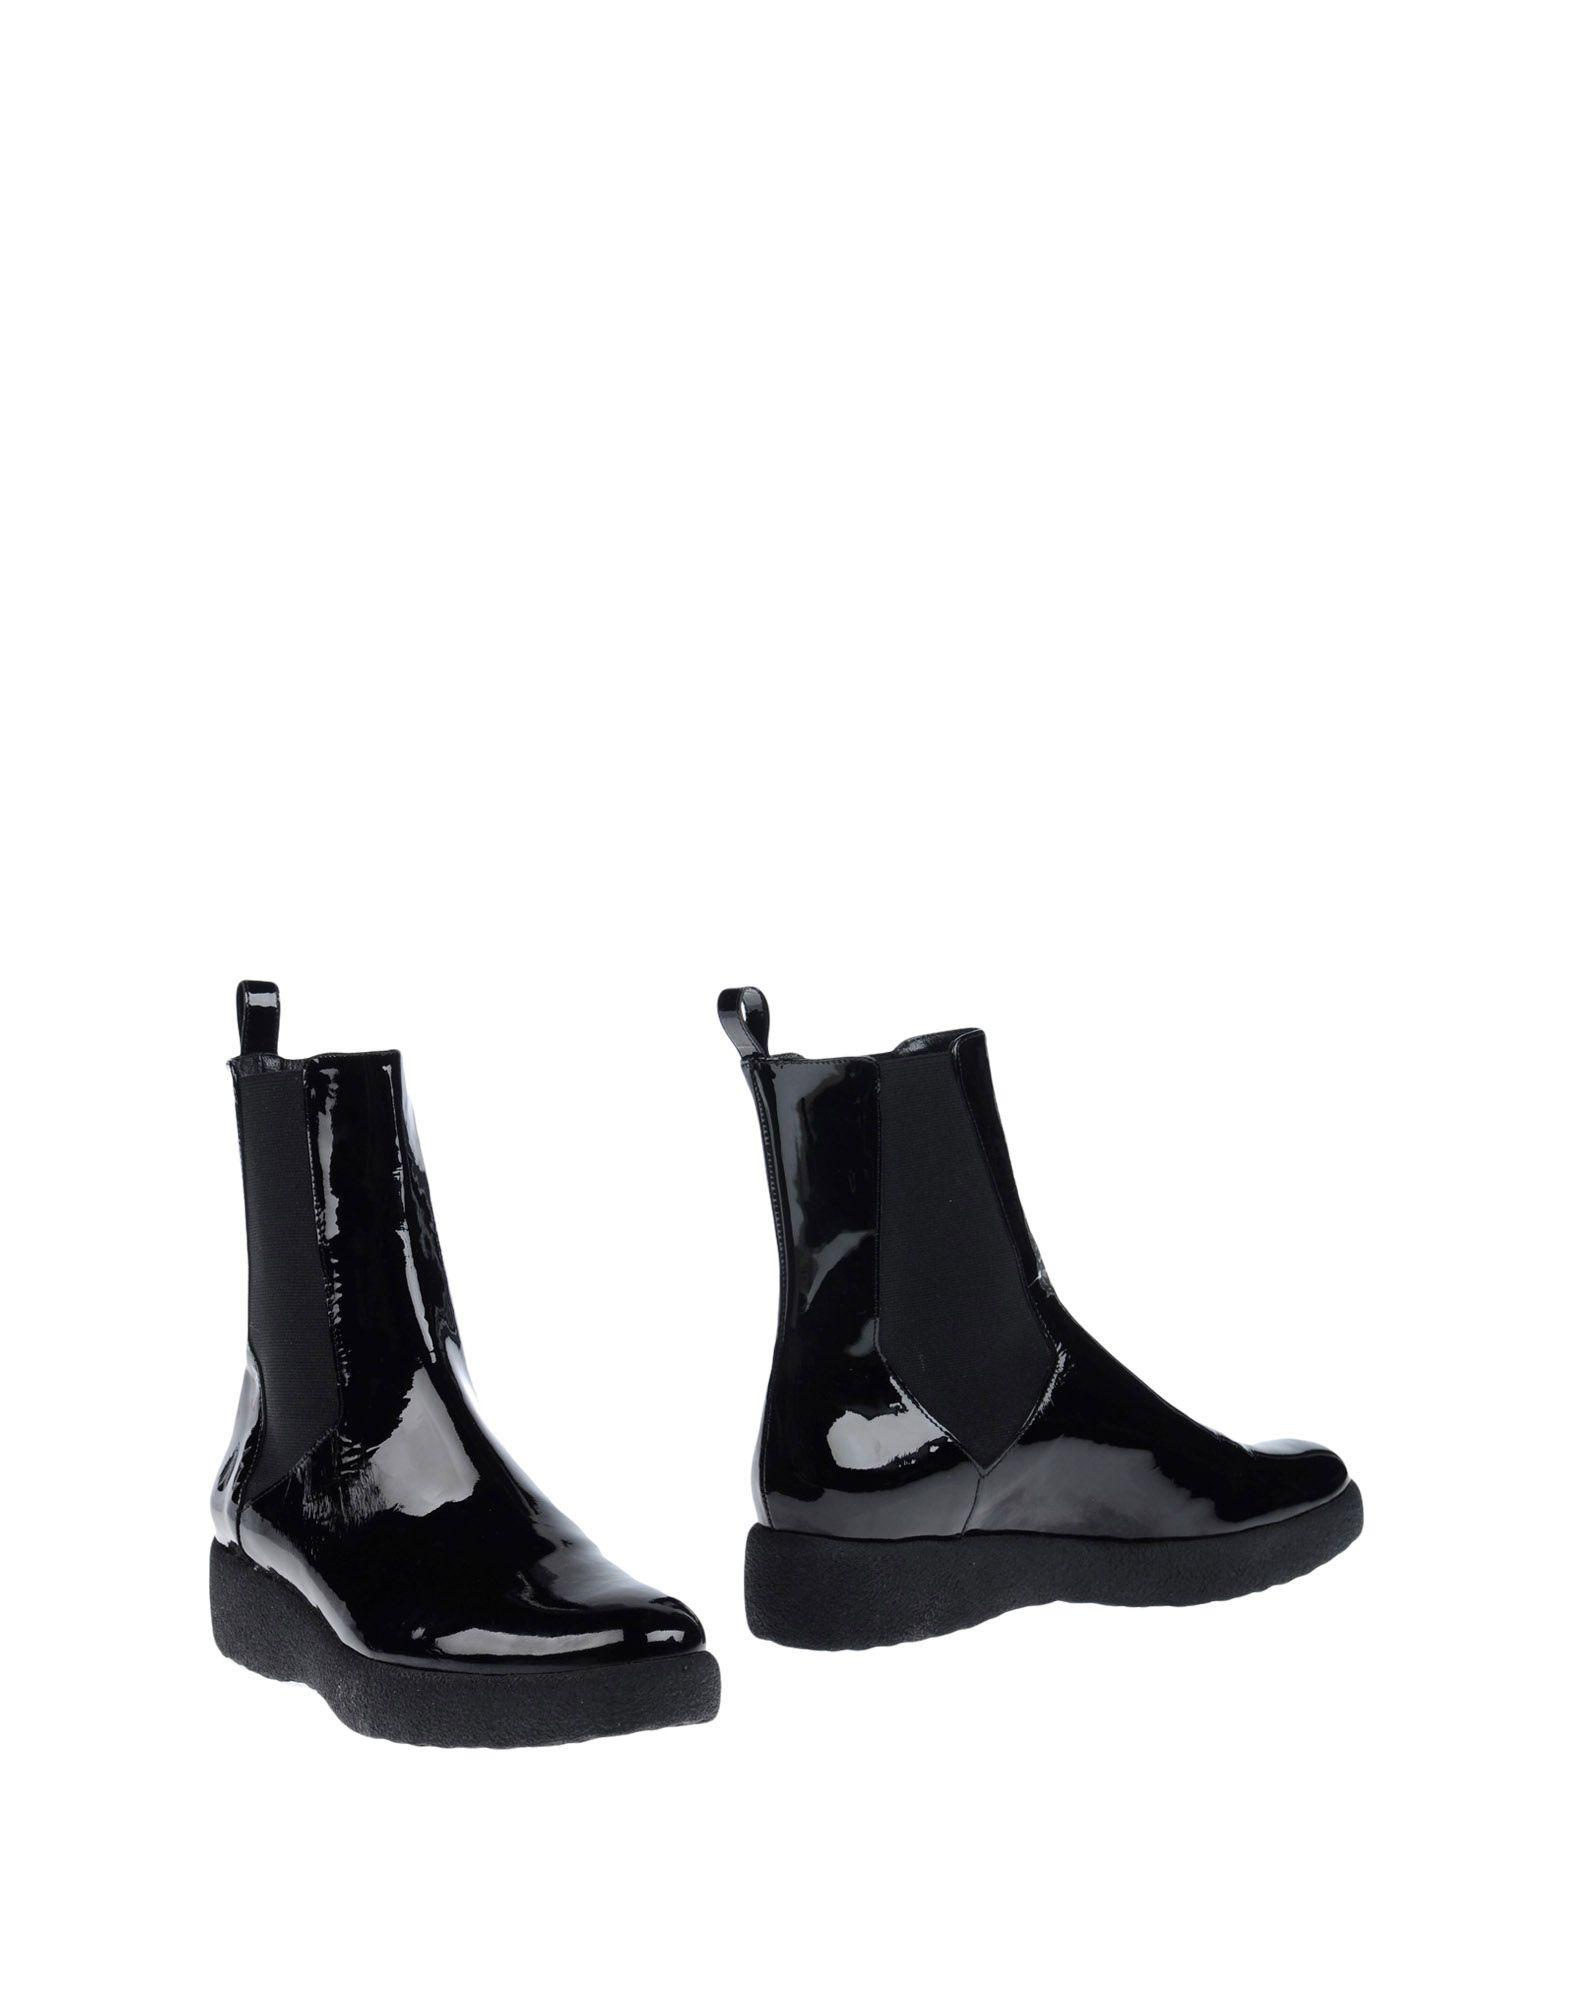 ROBERT CLERGERIE Полусапоги и высокие ботинки купить футбольную форму челси торрес